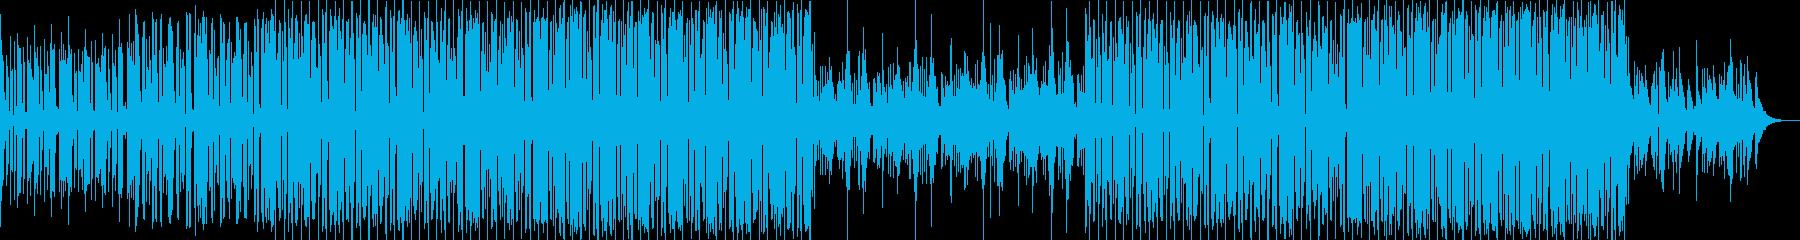 bpm120-あなたに夢中な情熱のEDMの再生済みの波形